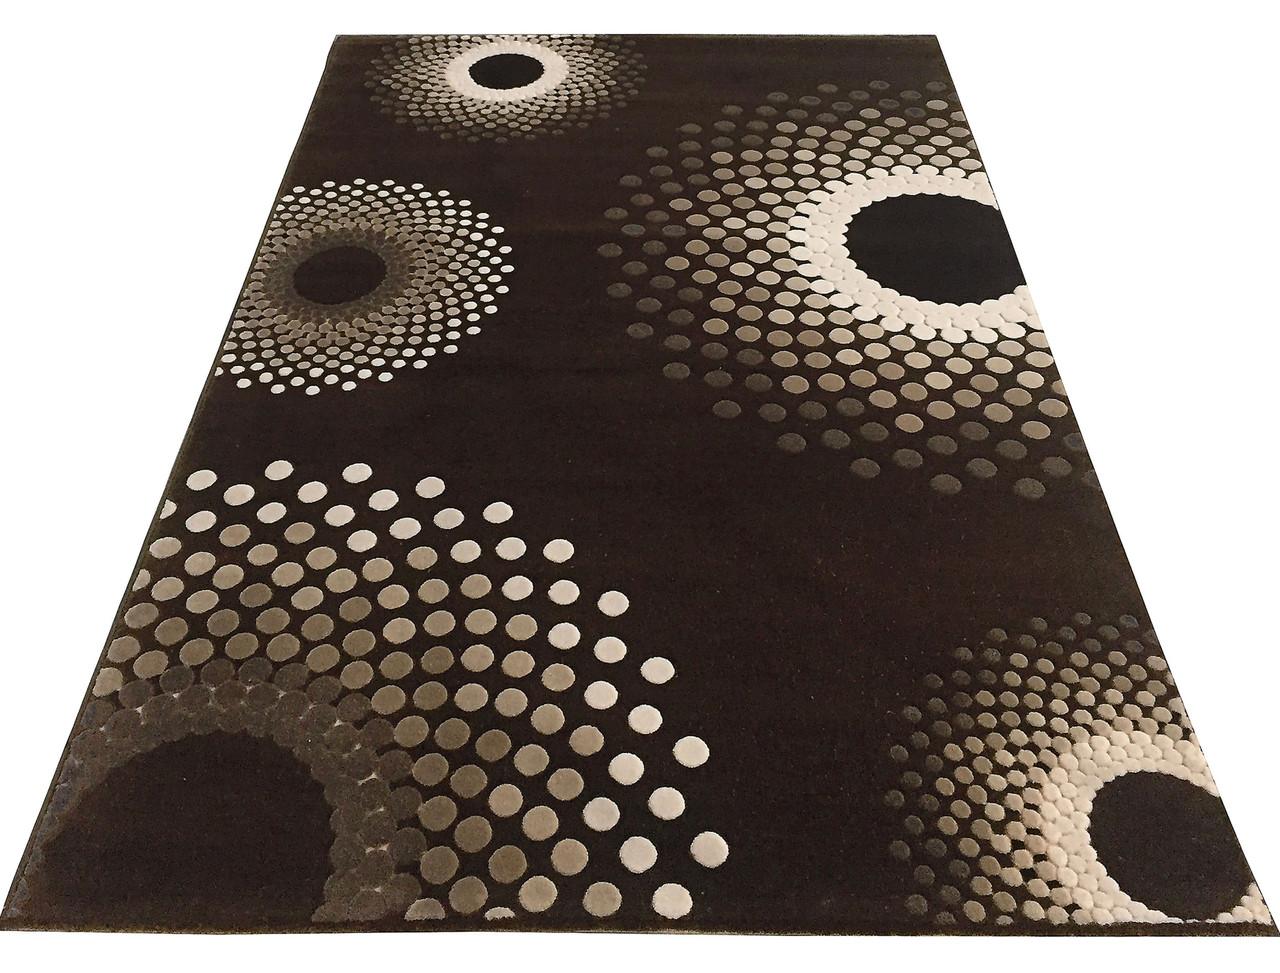 Коврик современный FLORYA 0033 0,8Х1,5 БЕЖЕВЫЙ прямоугольник